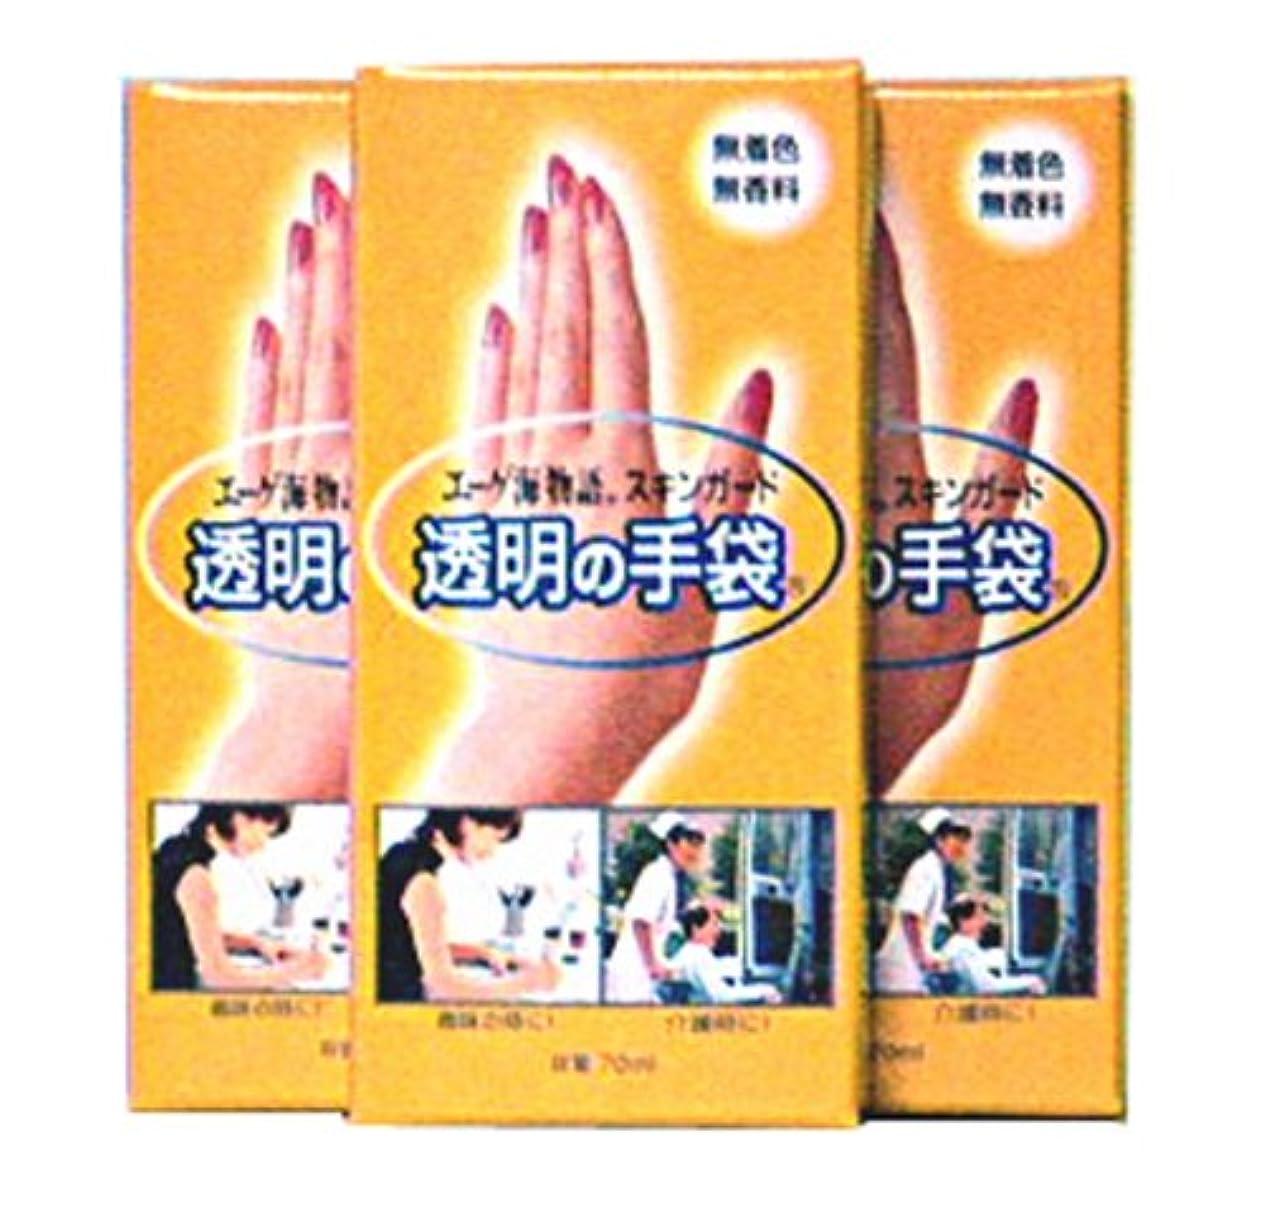 マーク石炭友情エーゲ海物語スキンガード透明の手袋 3コセット